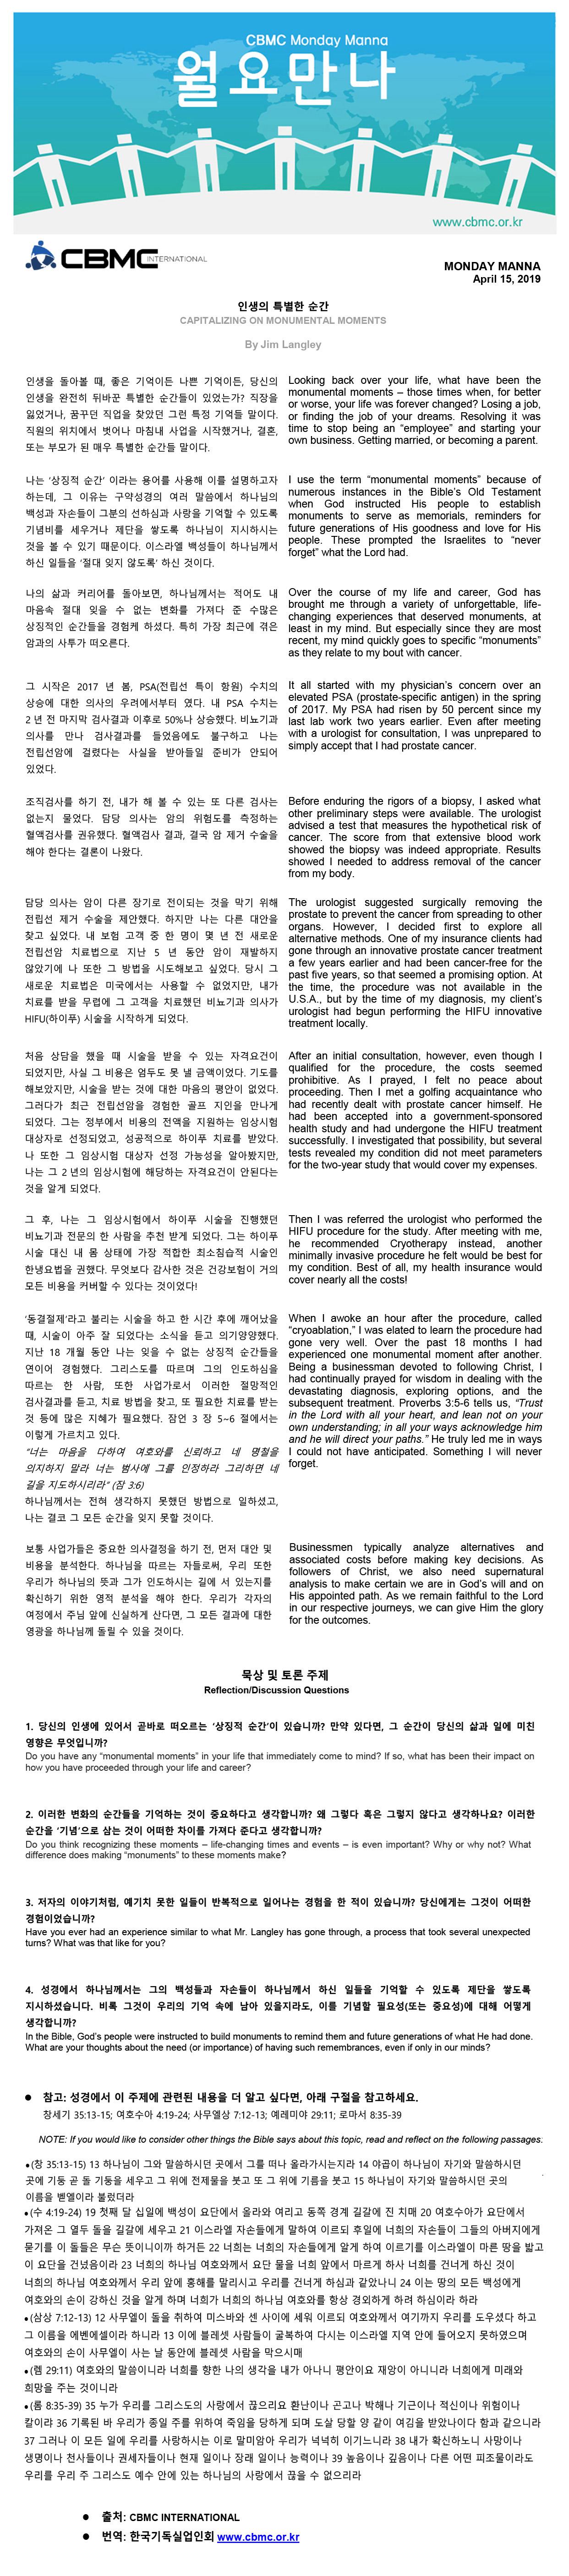 월요만나-인생의특별한순간_190415_한영버전.png